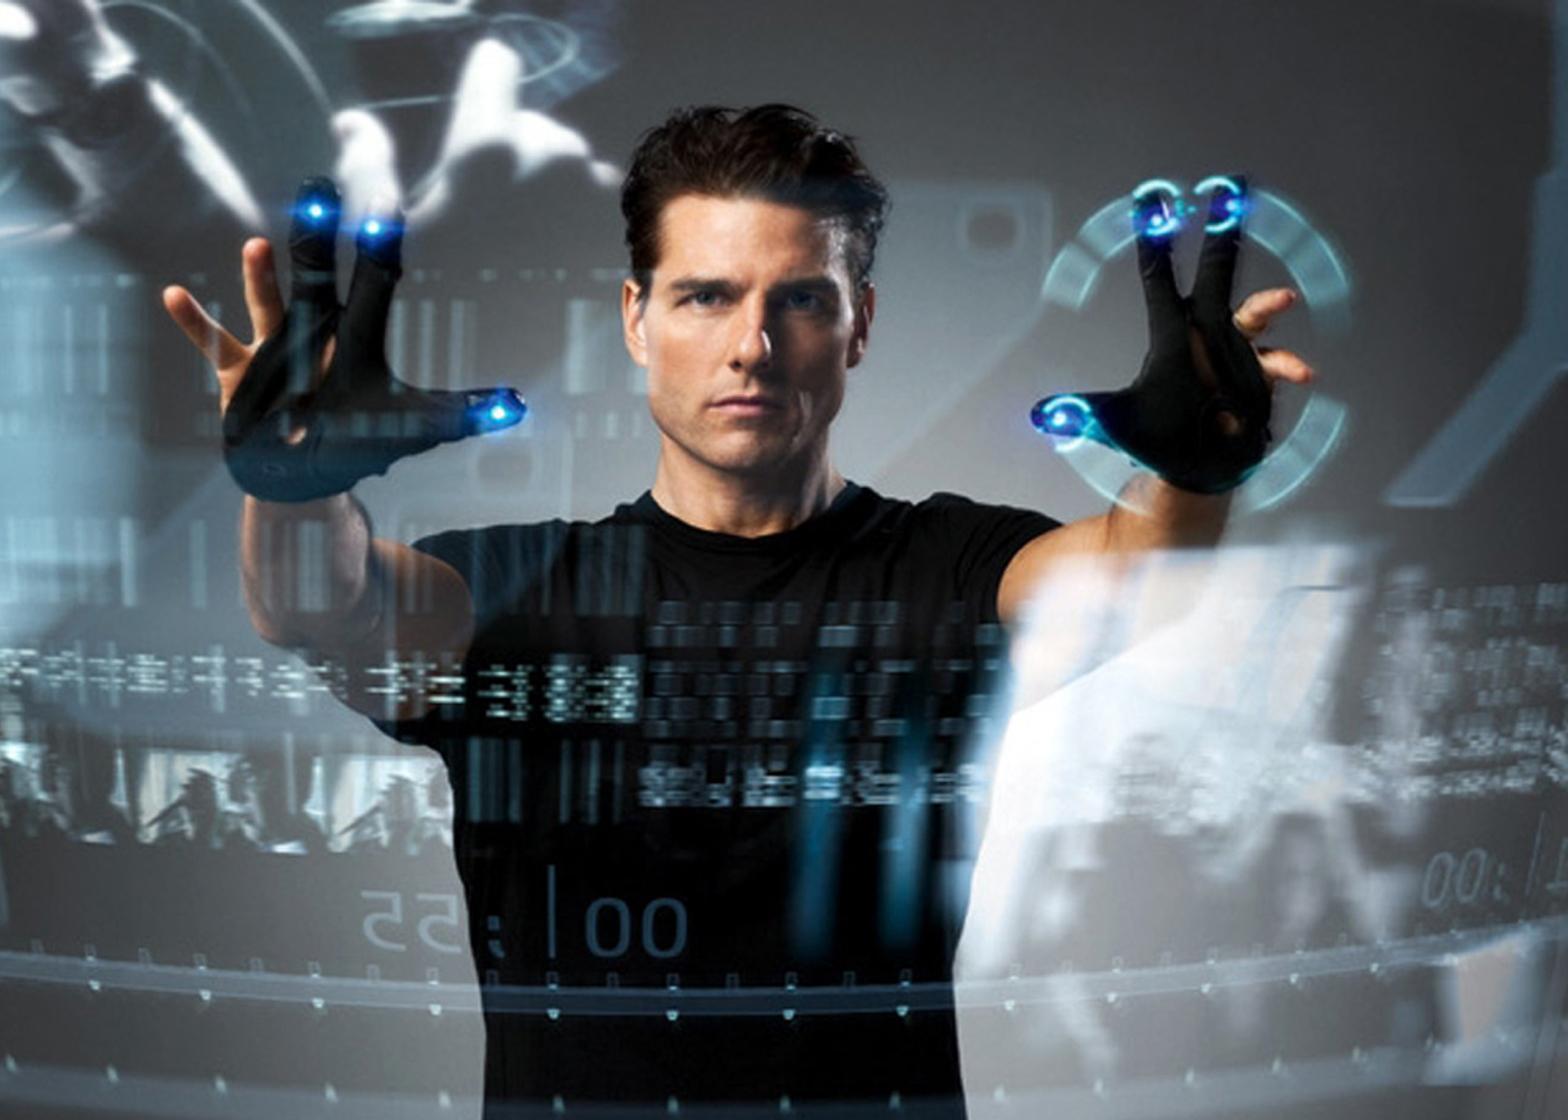 O sensor de interação e o futuro das interfaces